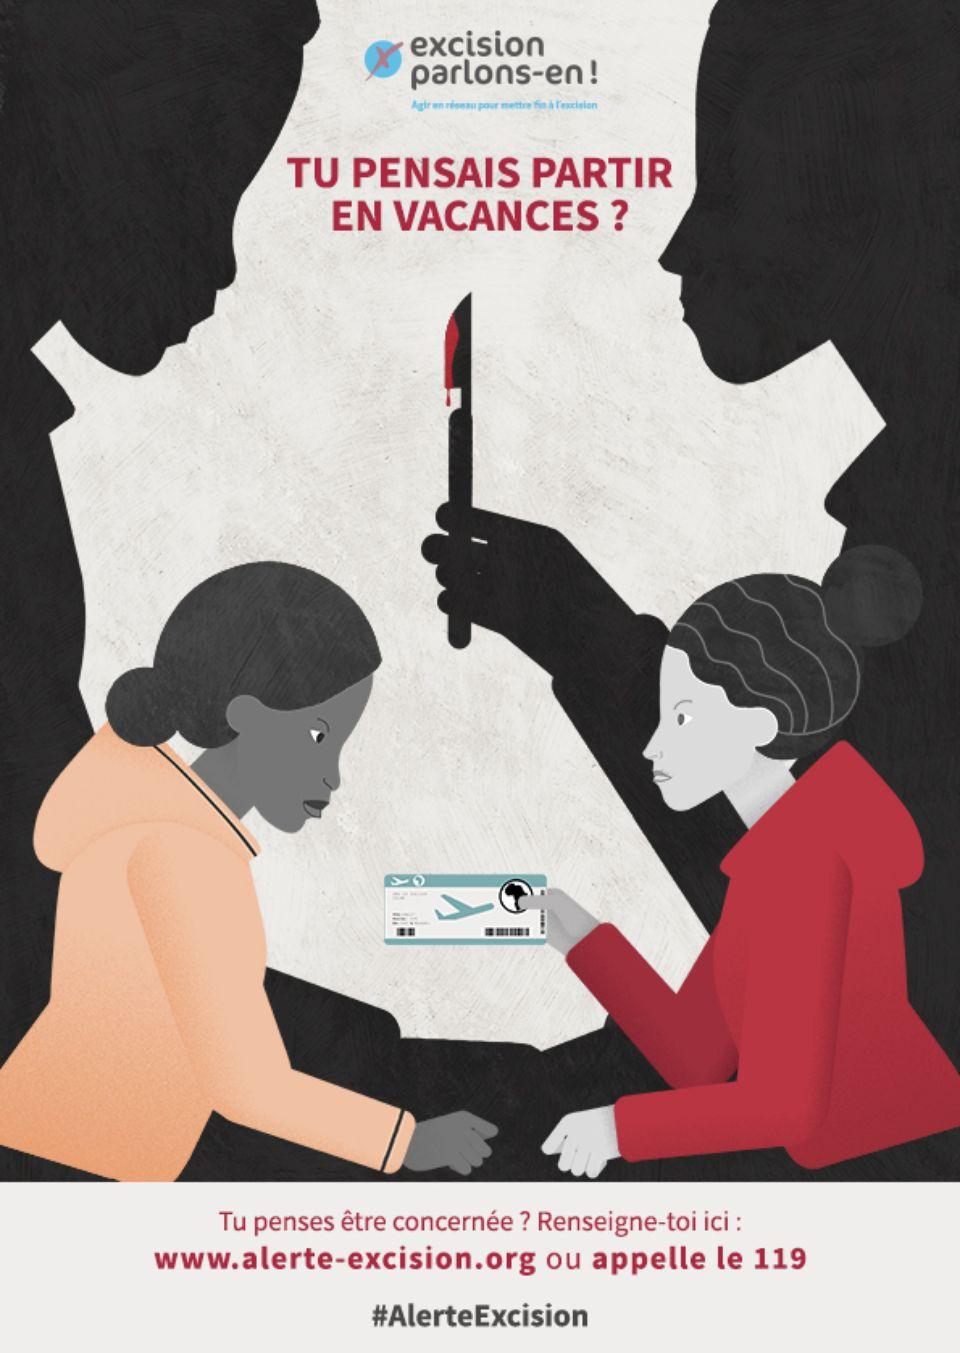 Image result for La campagne de l'association Excision parlons-en dans les rues de Paris, cette année.Association Excision parlons-en